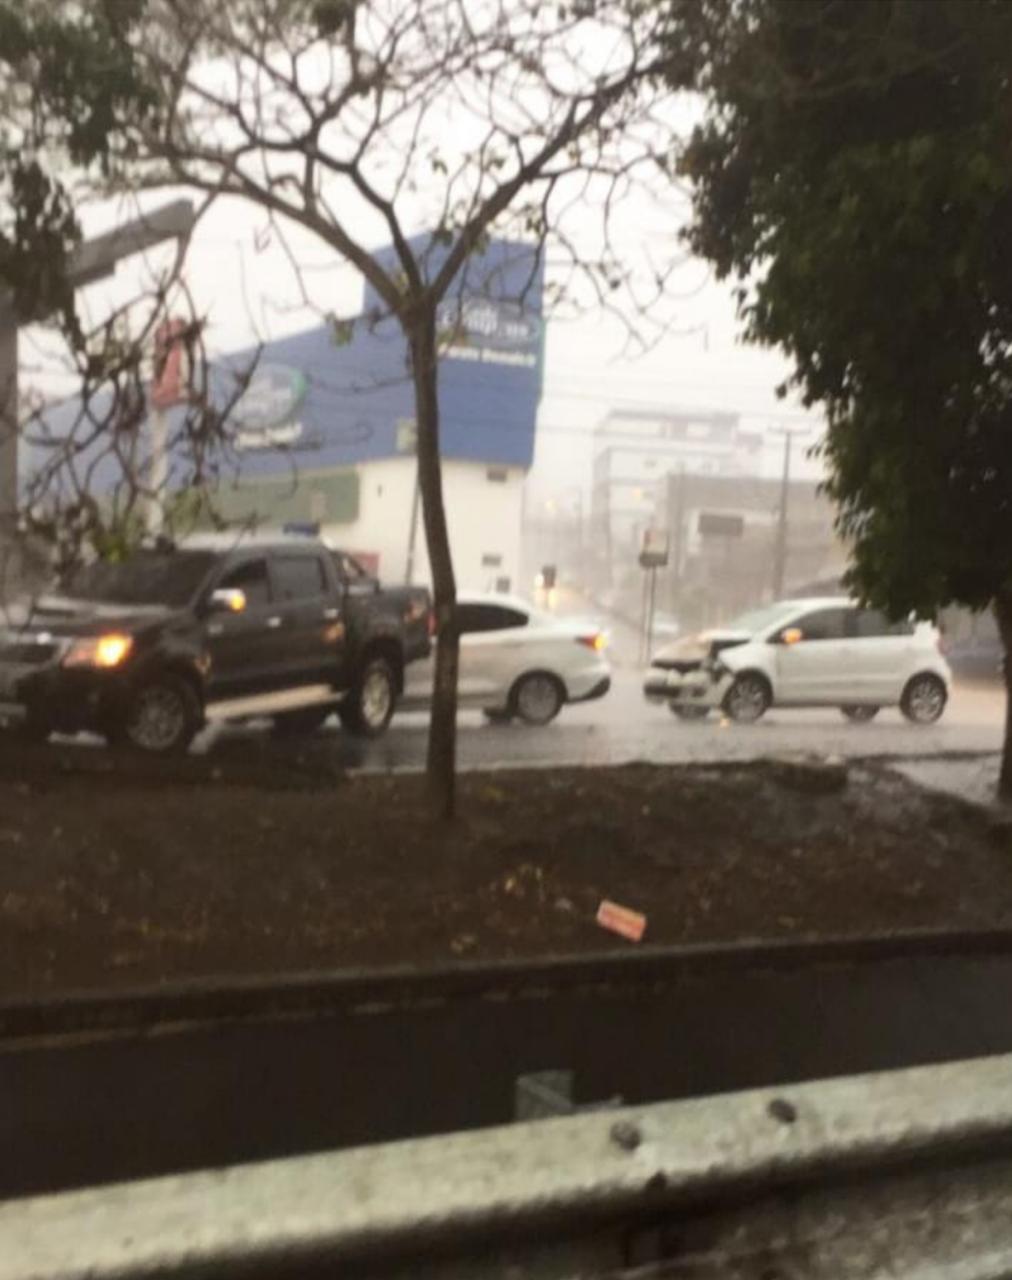 WhatsApp Image 2020 01 21 at 15.47.29 - COM ÁGUA NA CANELA: Açude Velho transborda, chuva alaga ruas e água invade casas em Campina Grande - VEJA VÍDEO